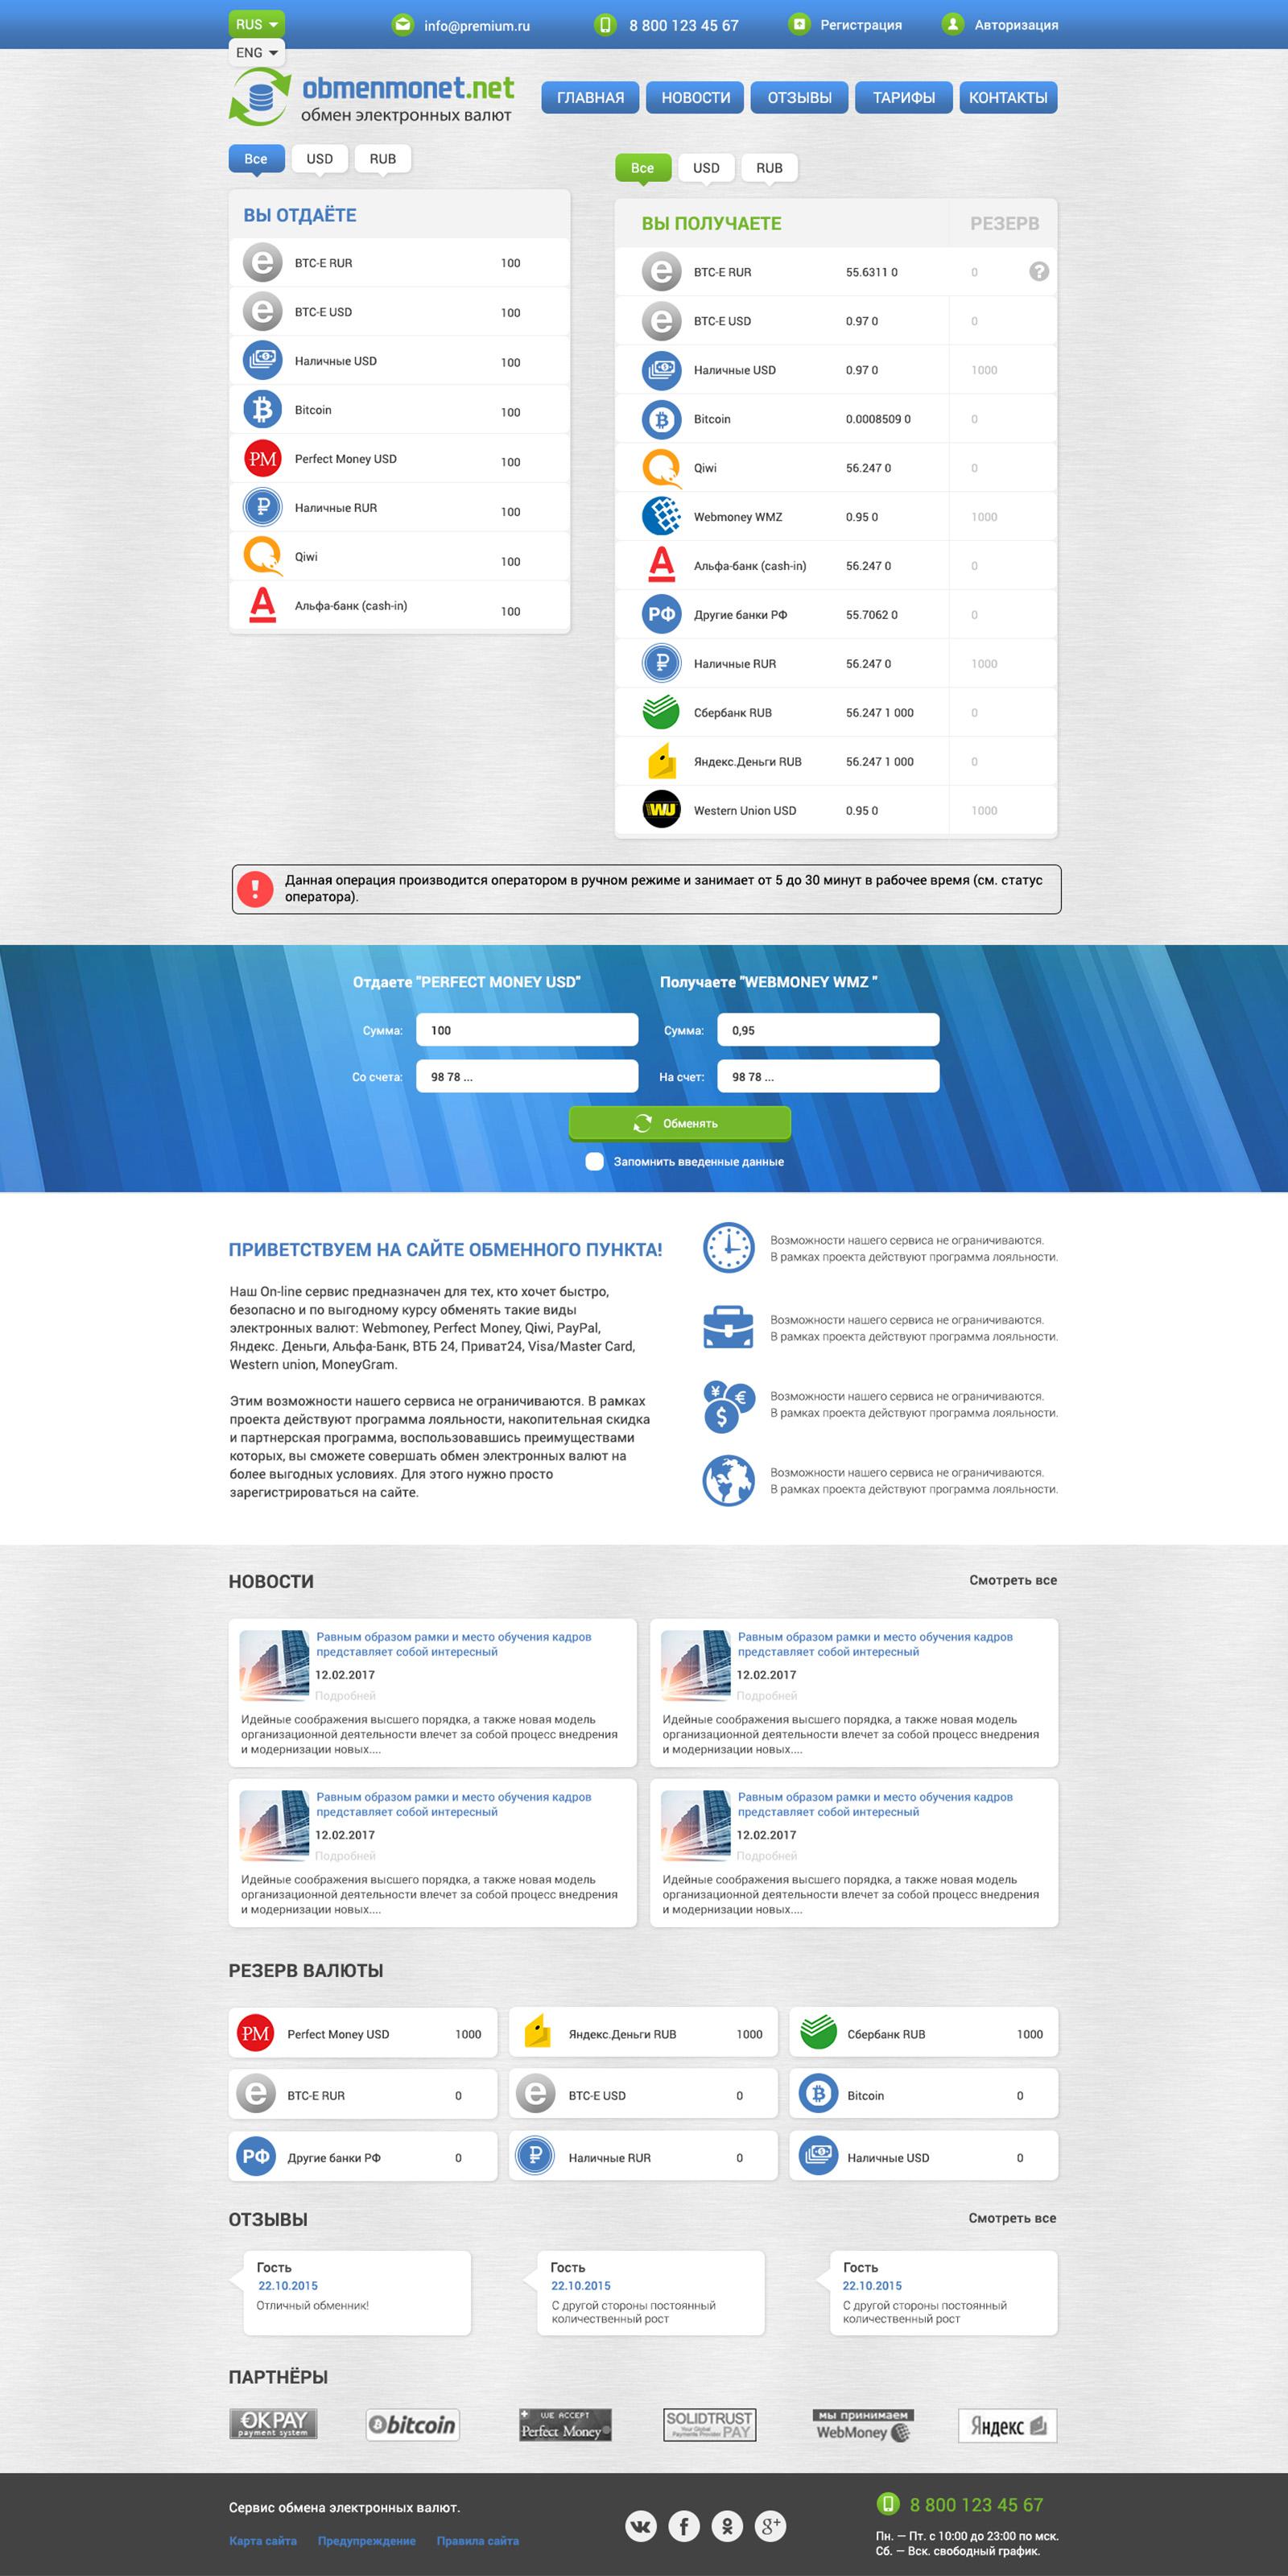 Obmenmonet.net